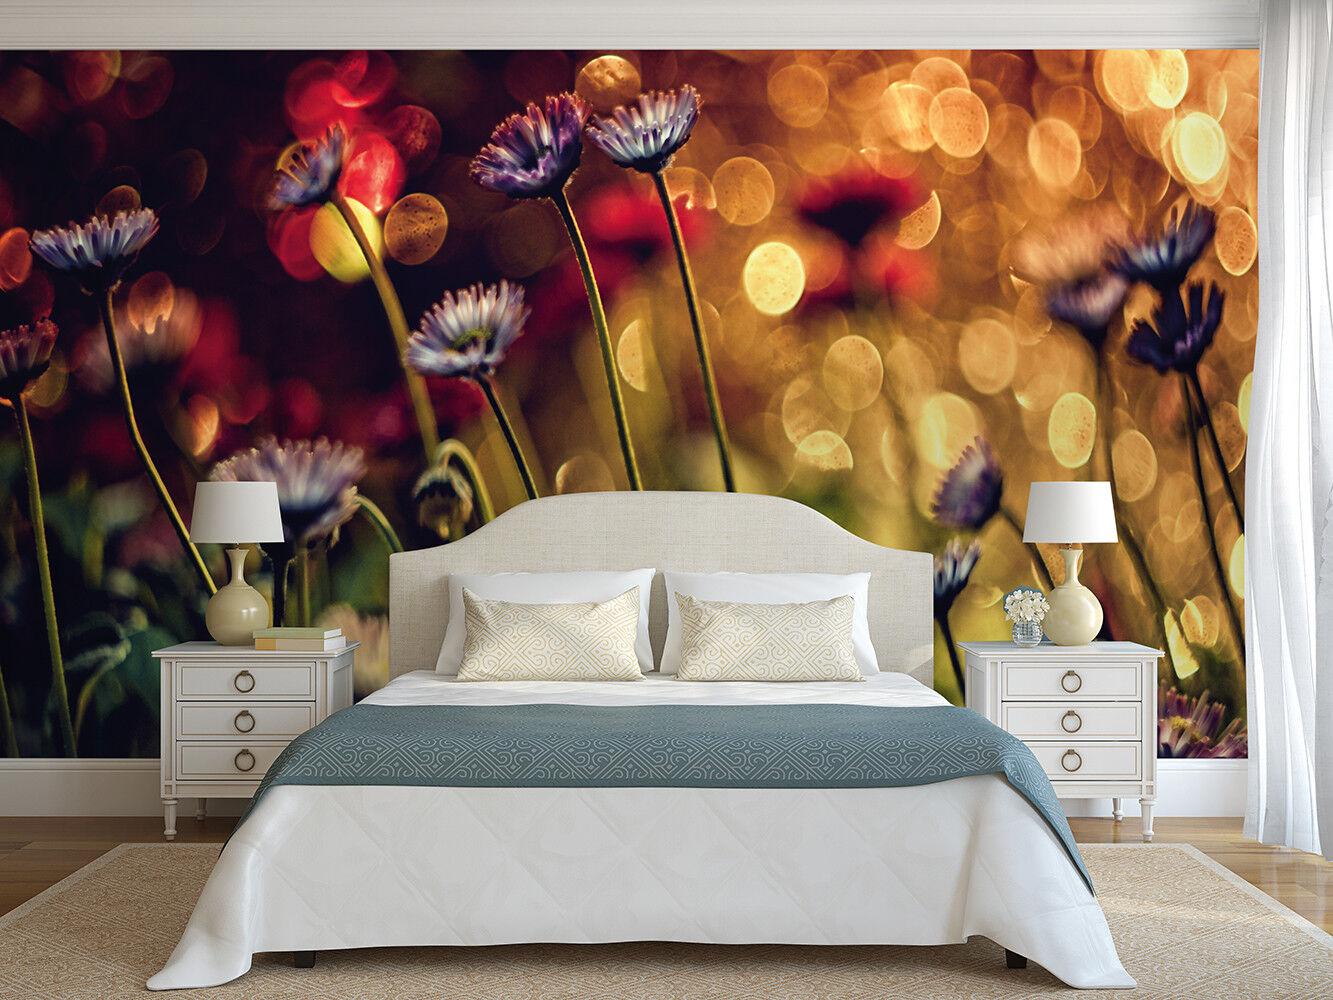 Schlafzimmer Wandbild Fototapete Blaumen und Lichter Feature Wand Dekoration